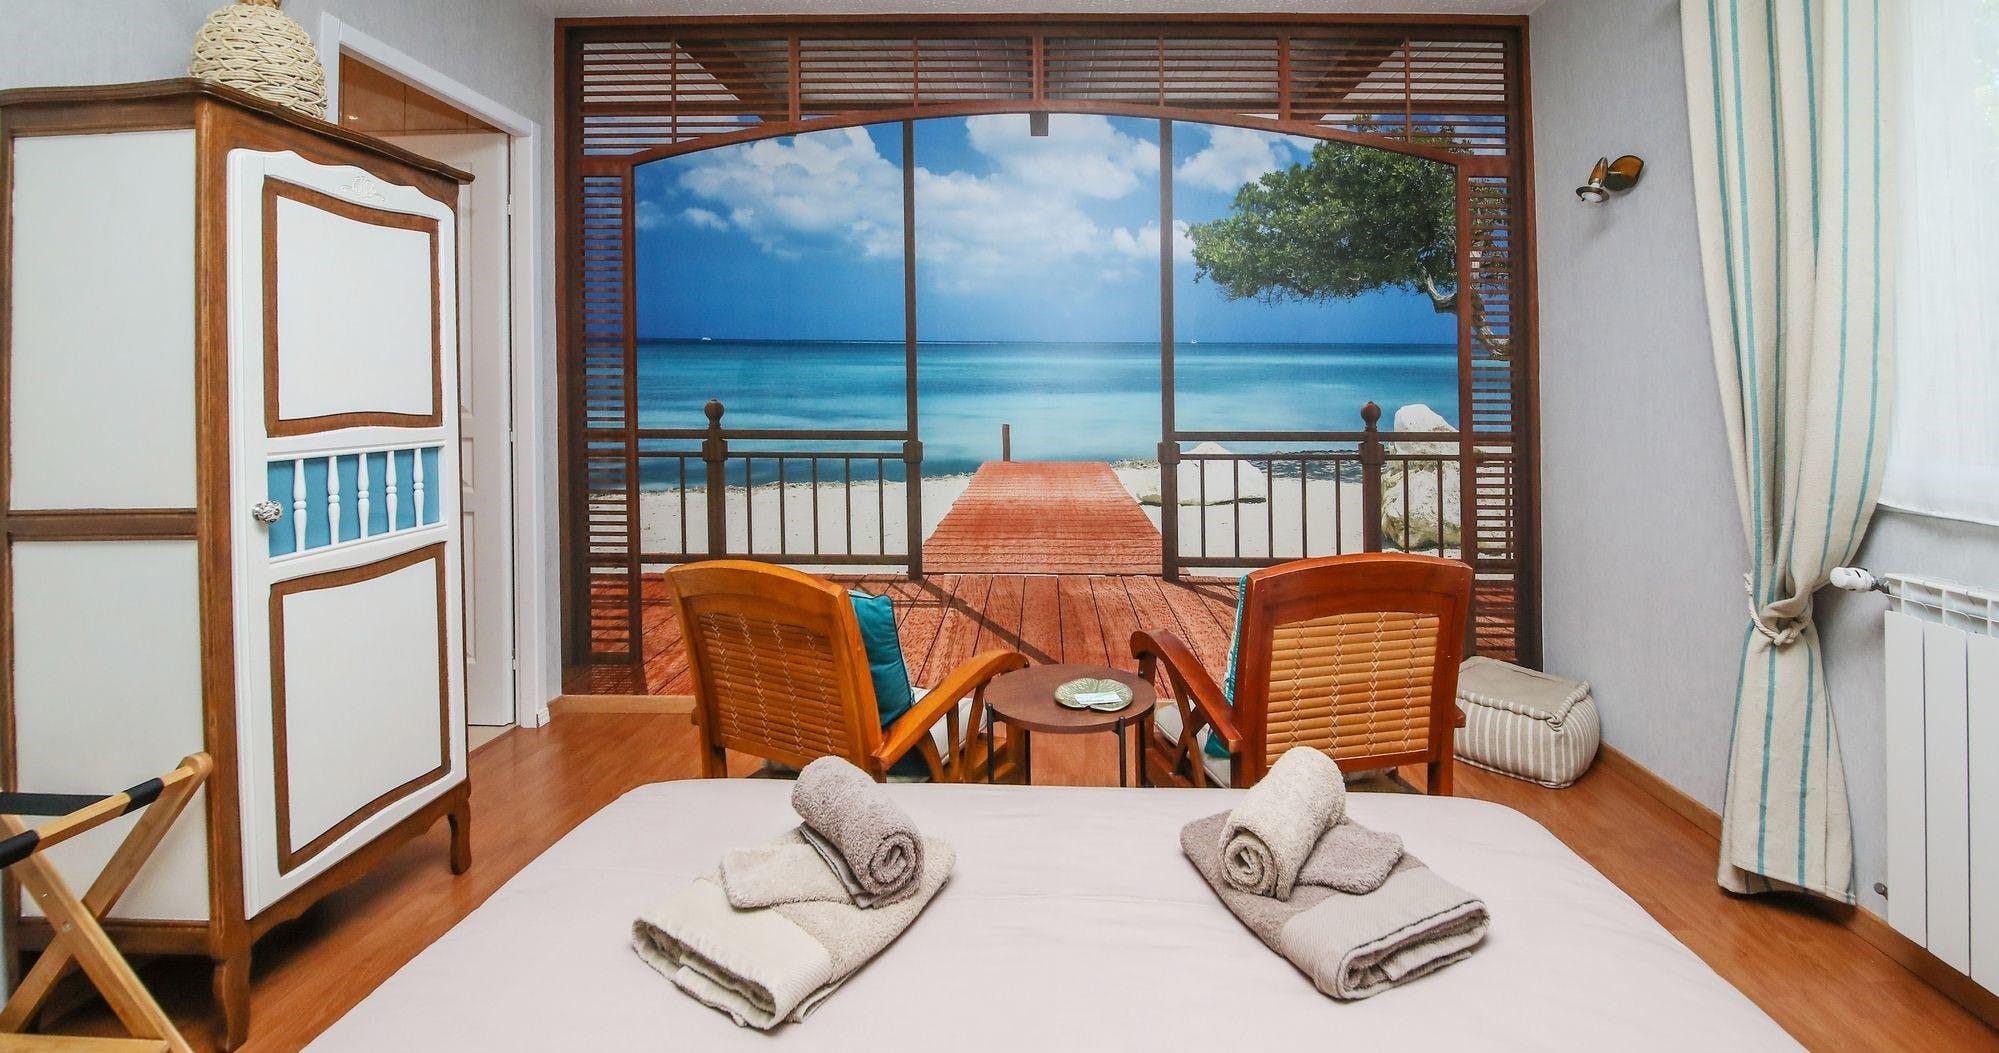 Chambre pour 2 personnes sur le thème de Bali